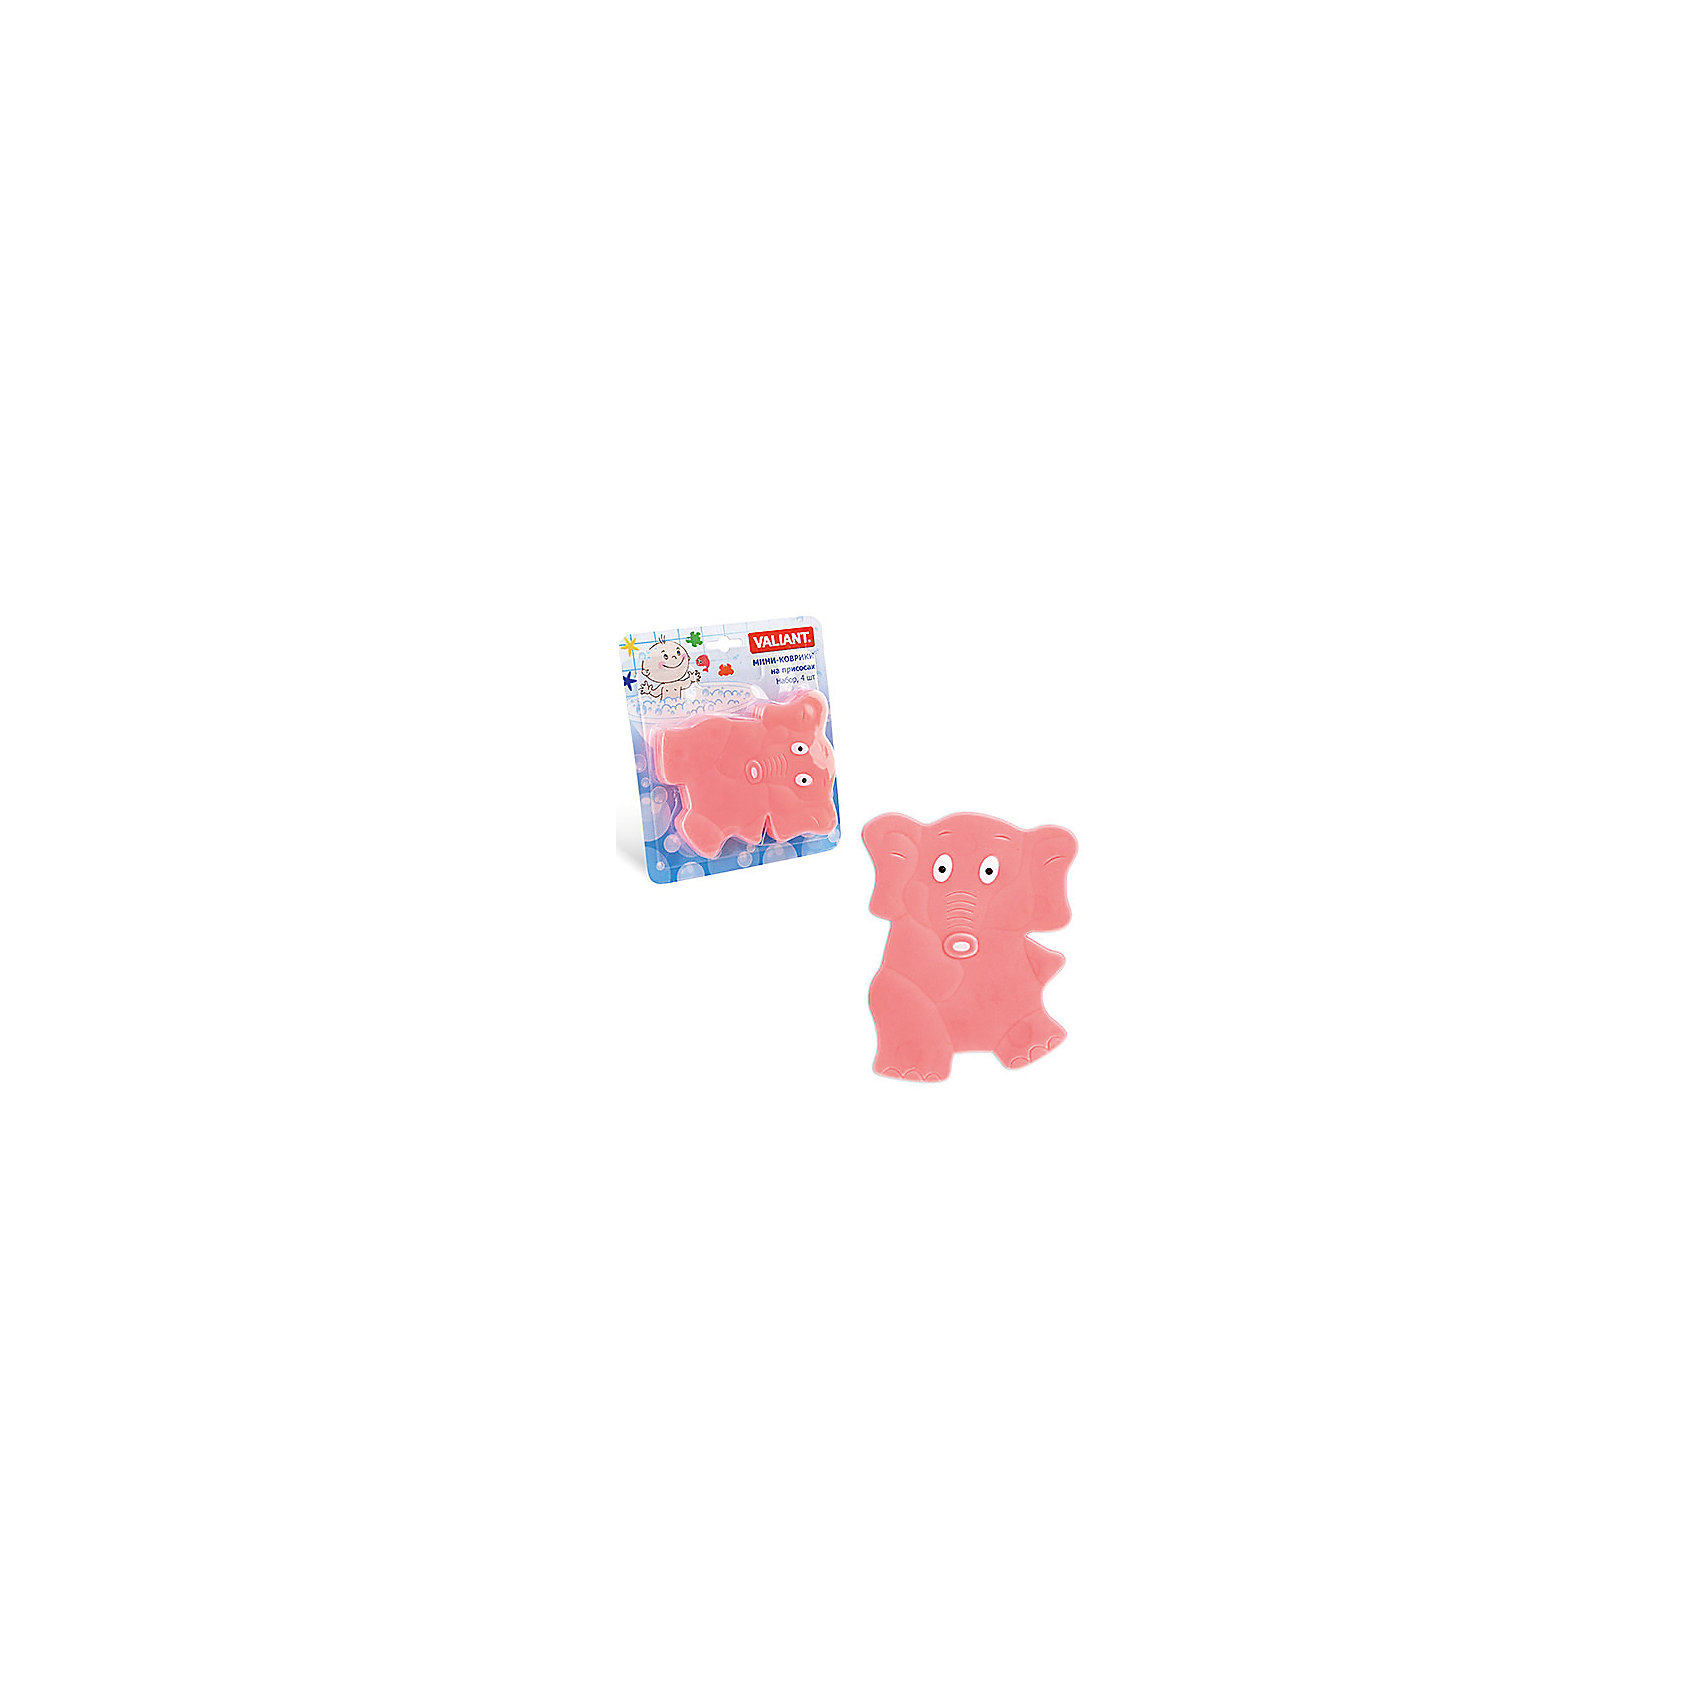 Набор ковриков Слоник на присосках (4 шт)Мини-коврики для ванной комнаты - это яркое дополнение к купанию малыша. Это и игра и развитие моторики и изучение зверушек. <br>Колоссальный и постоянно растущий спрос на них обусловлен реакцией малышей и их мам на данное изобретение по всему миру.<br>Мини-коврики снабжены присосками и превосходно клеятся на влажный кафель.<br><br>Ширина мм: 190<br>Глубина мм: 170<br>Высота мм: 40<br>Вес г: 200<br>Возраст от месяцев: -2147483648<br>Возраст до месяцев: 2147483647<br>Пол: Унисекс<br>Возраст: Детский<br>SKU: 4563302